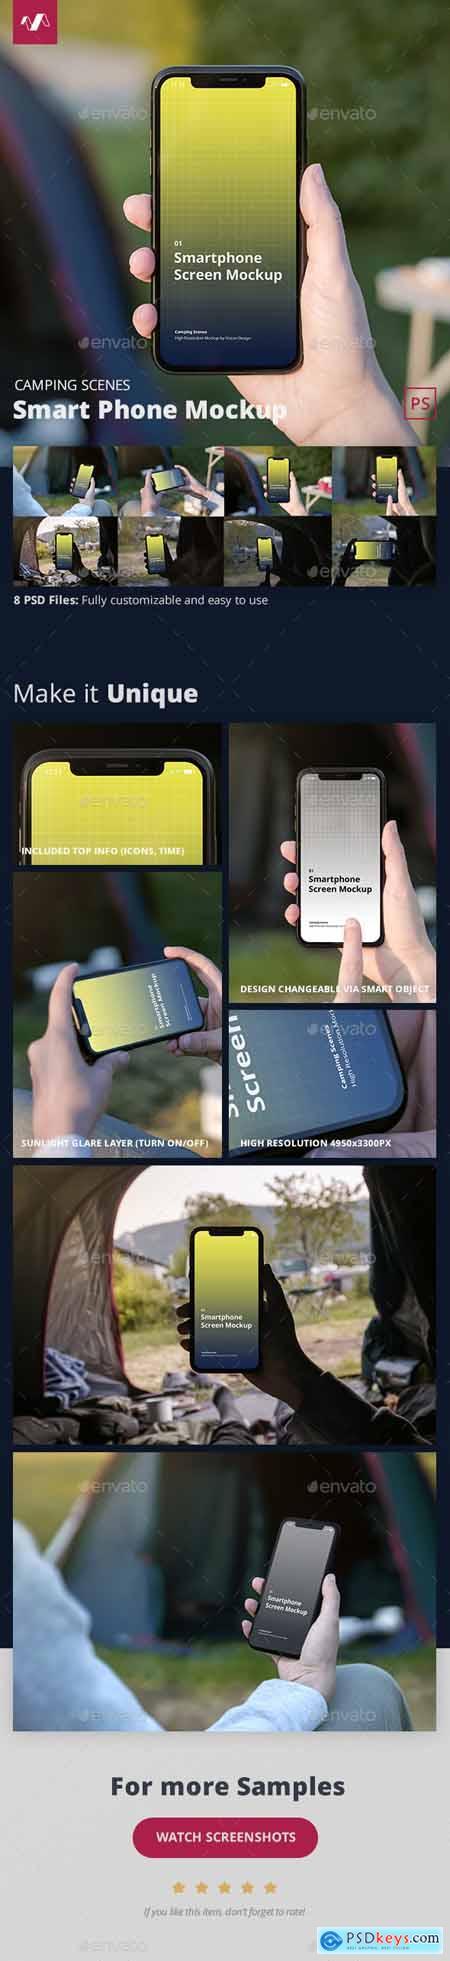 Phone Mockup Camping Scenes 28483916